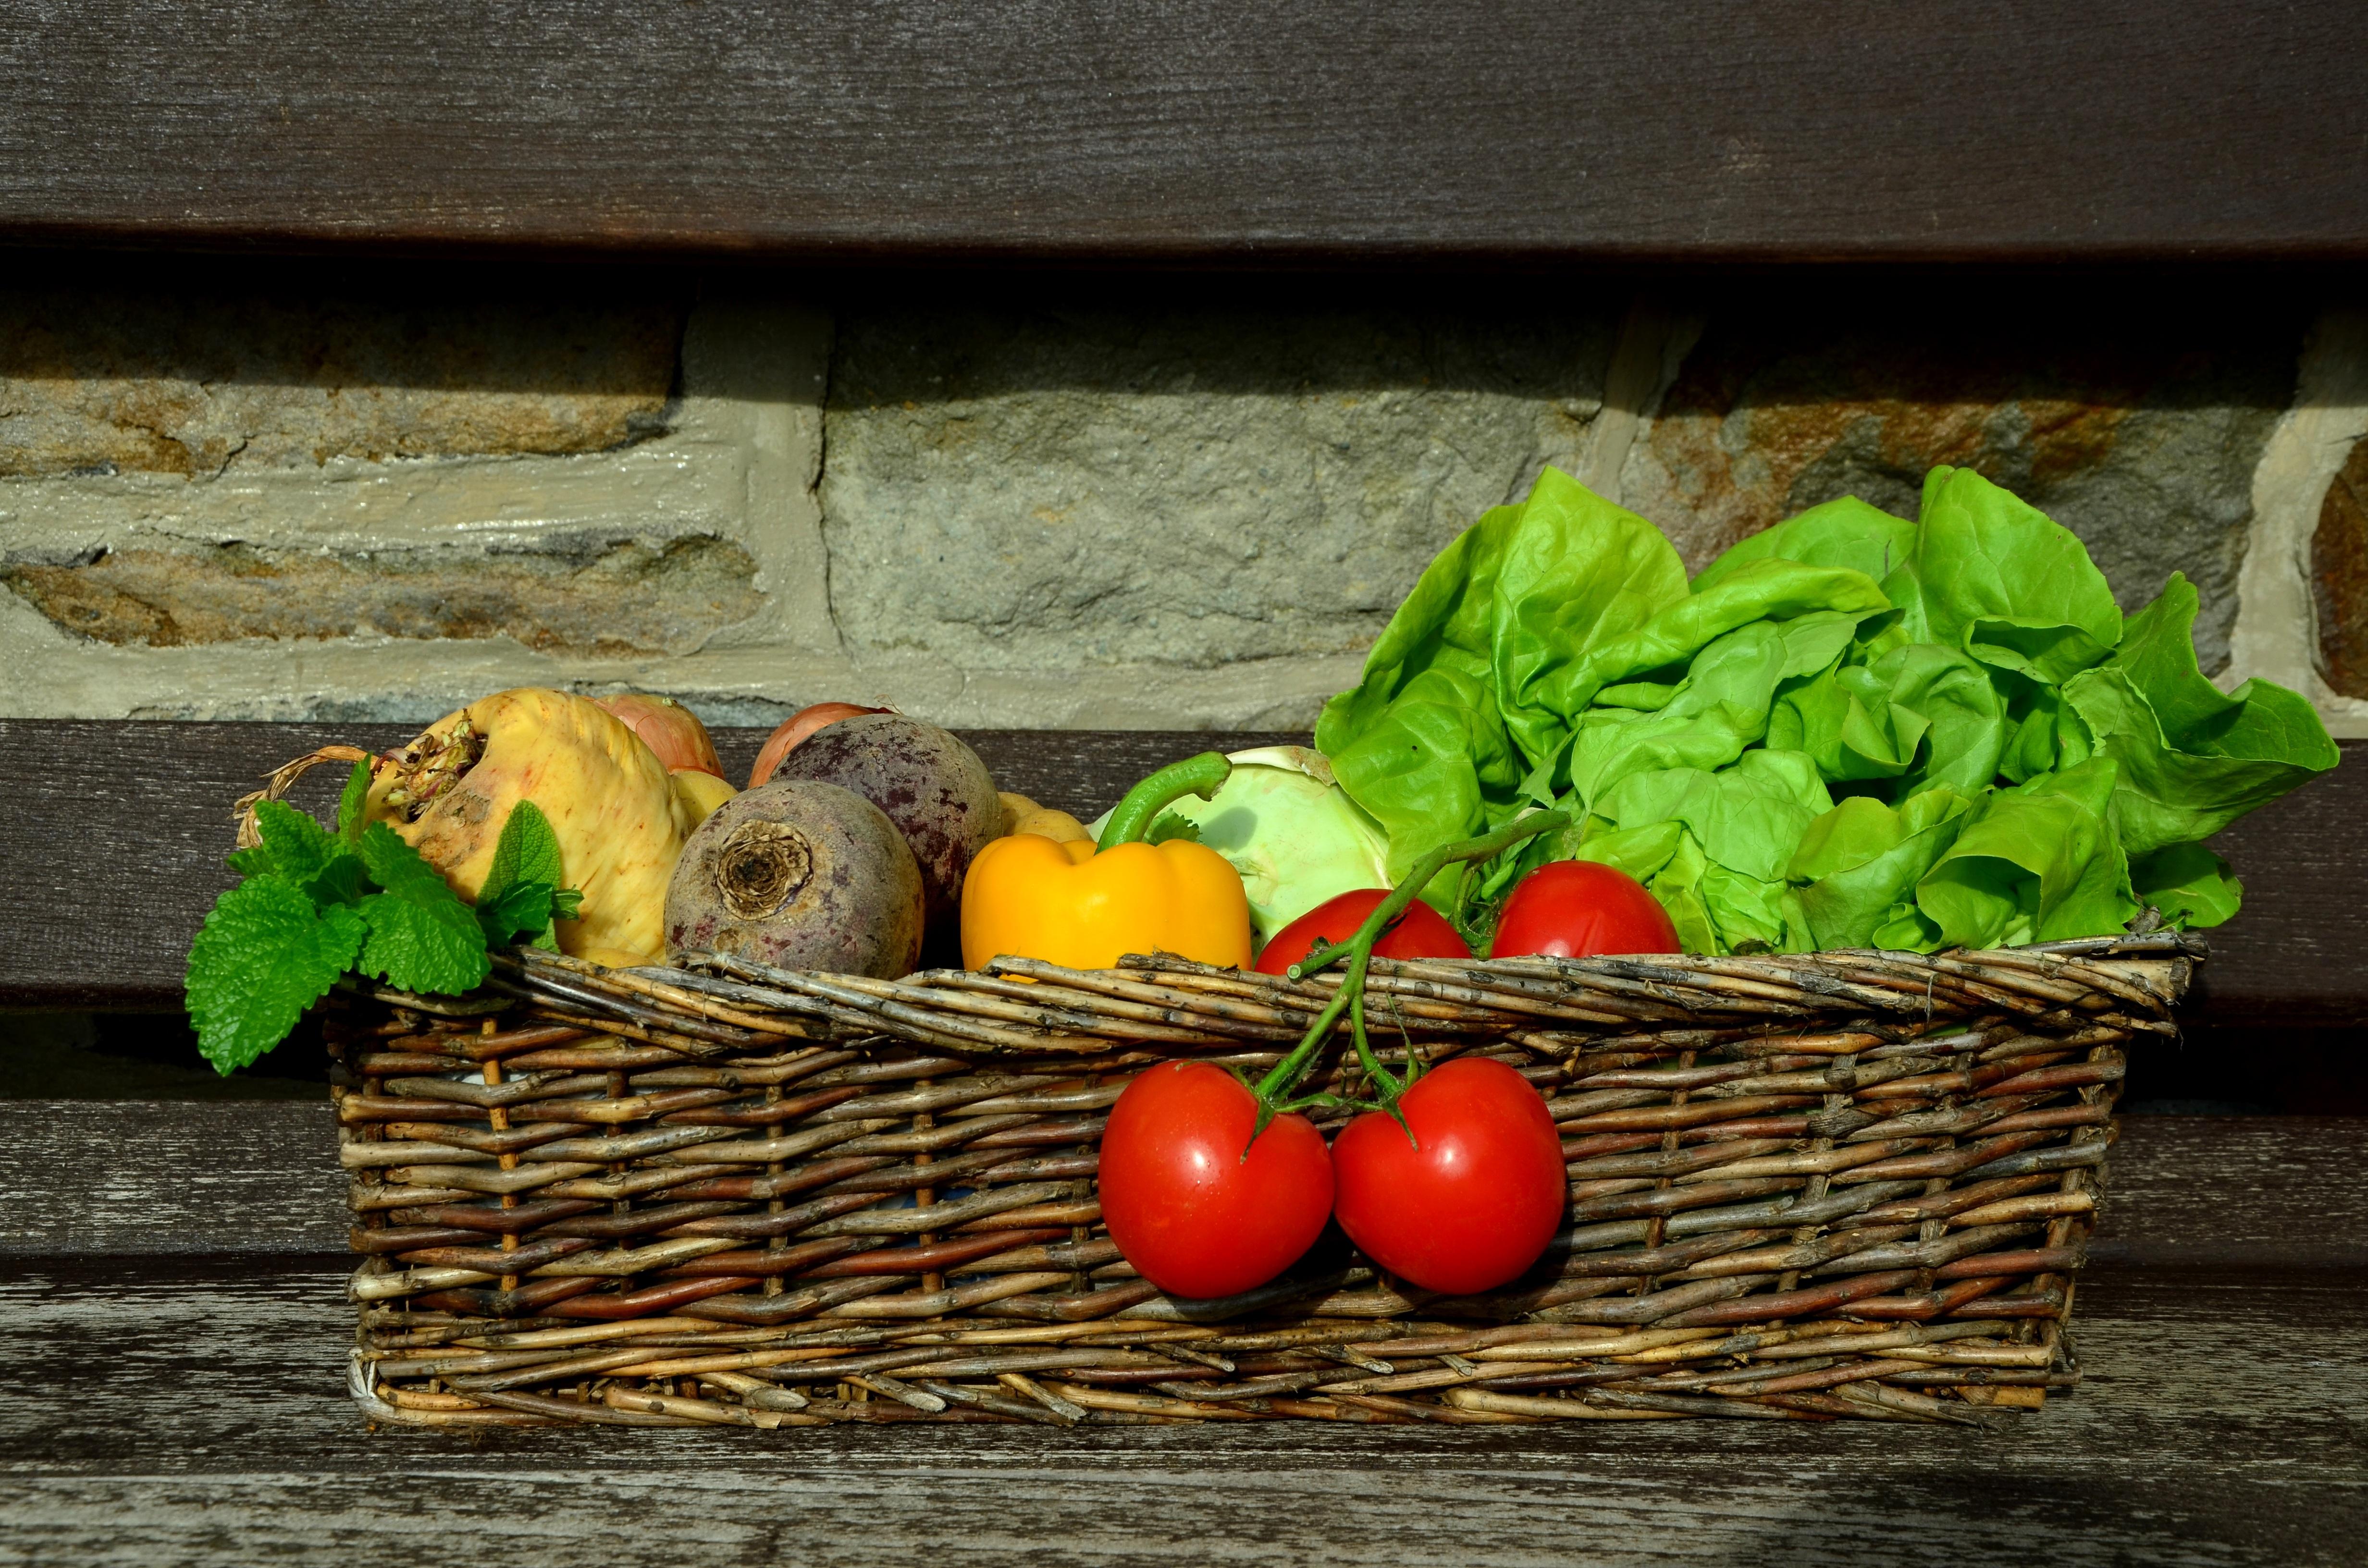 Free Images Leaf Salad Green Harvest Produce Autumn Garden